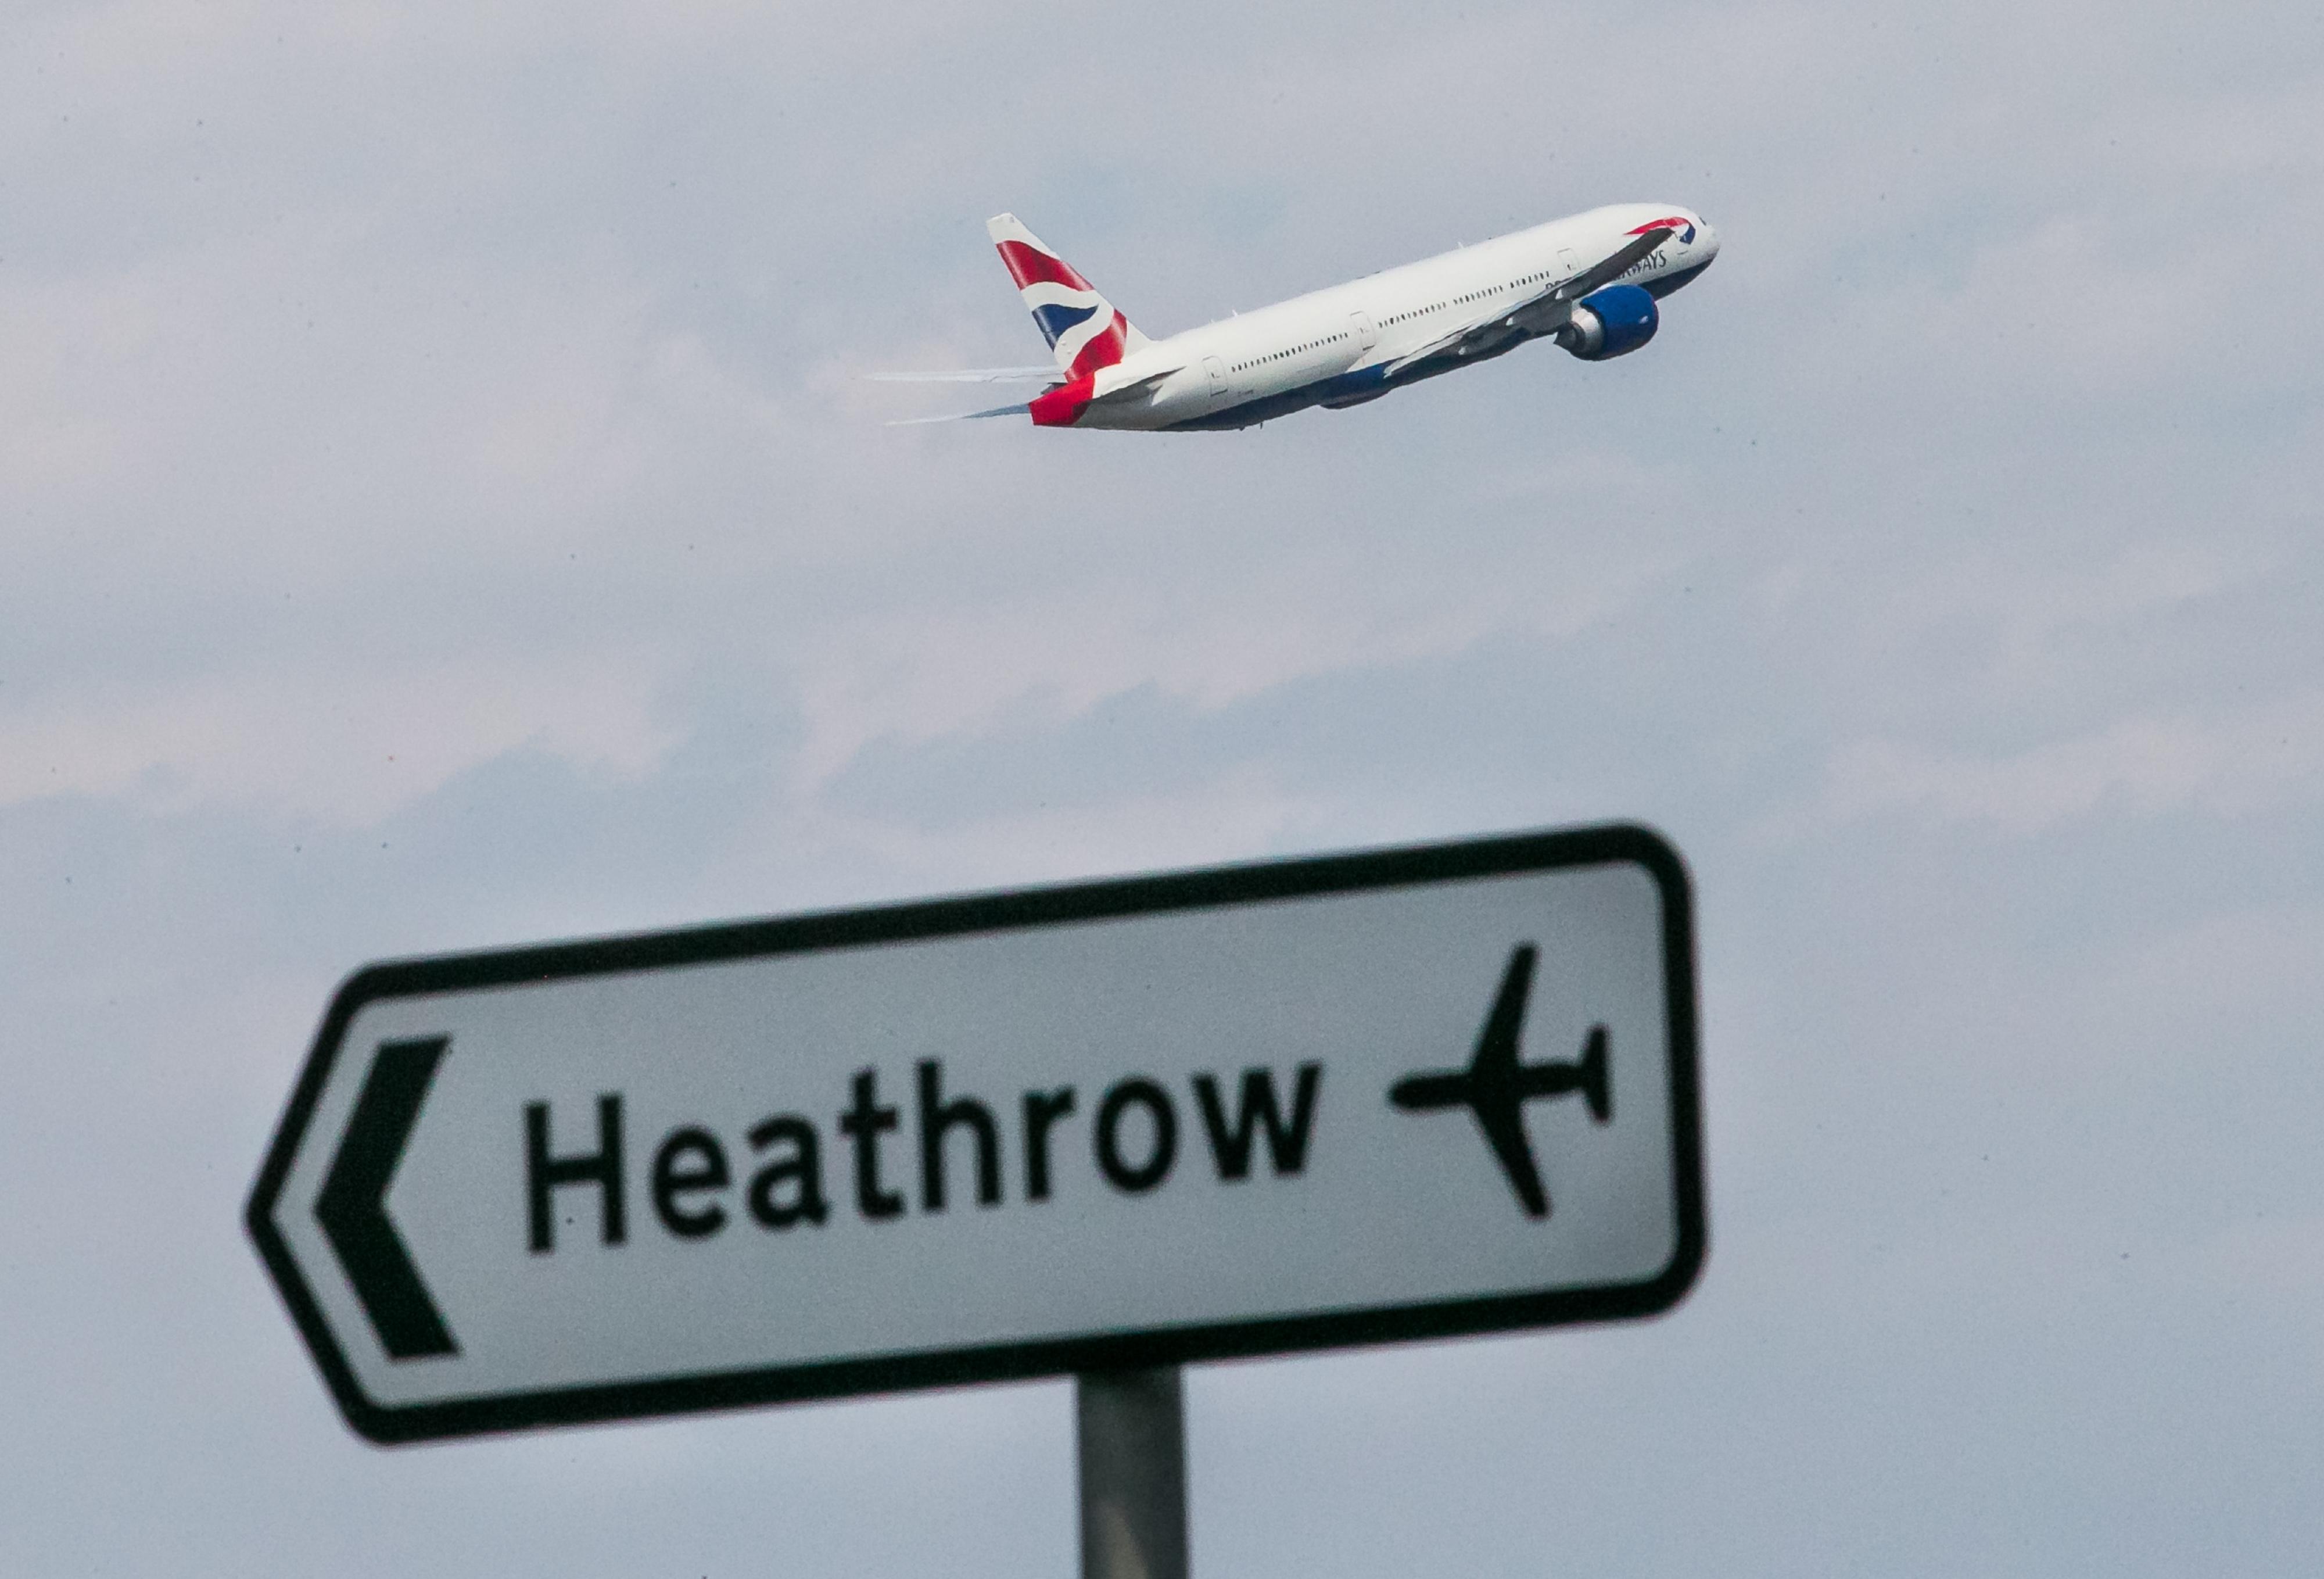 Resultado de imagen para United Kingdom Brexit airlines